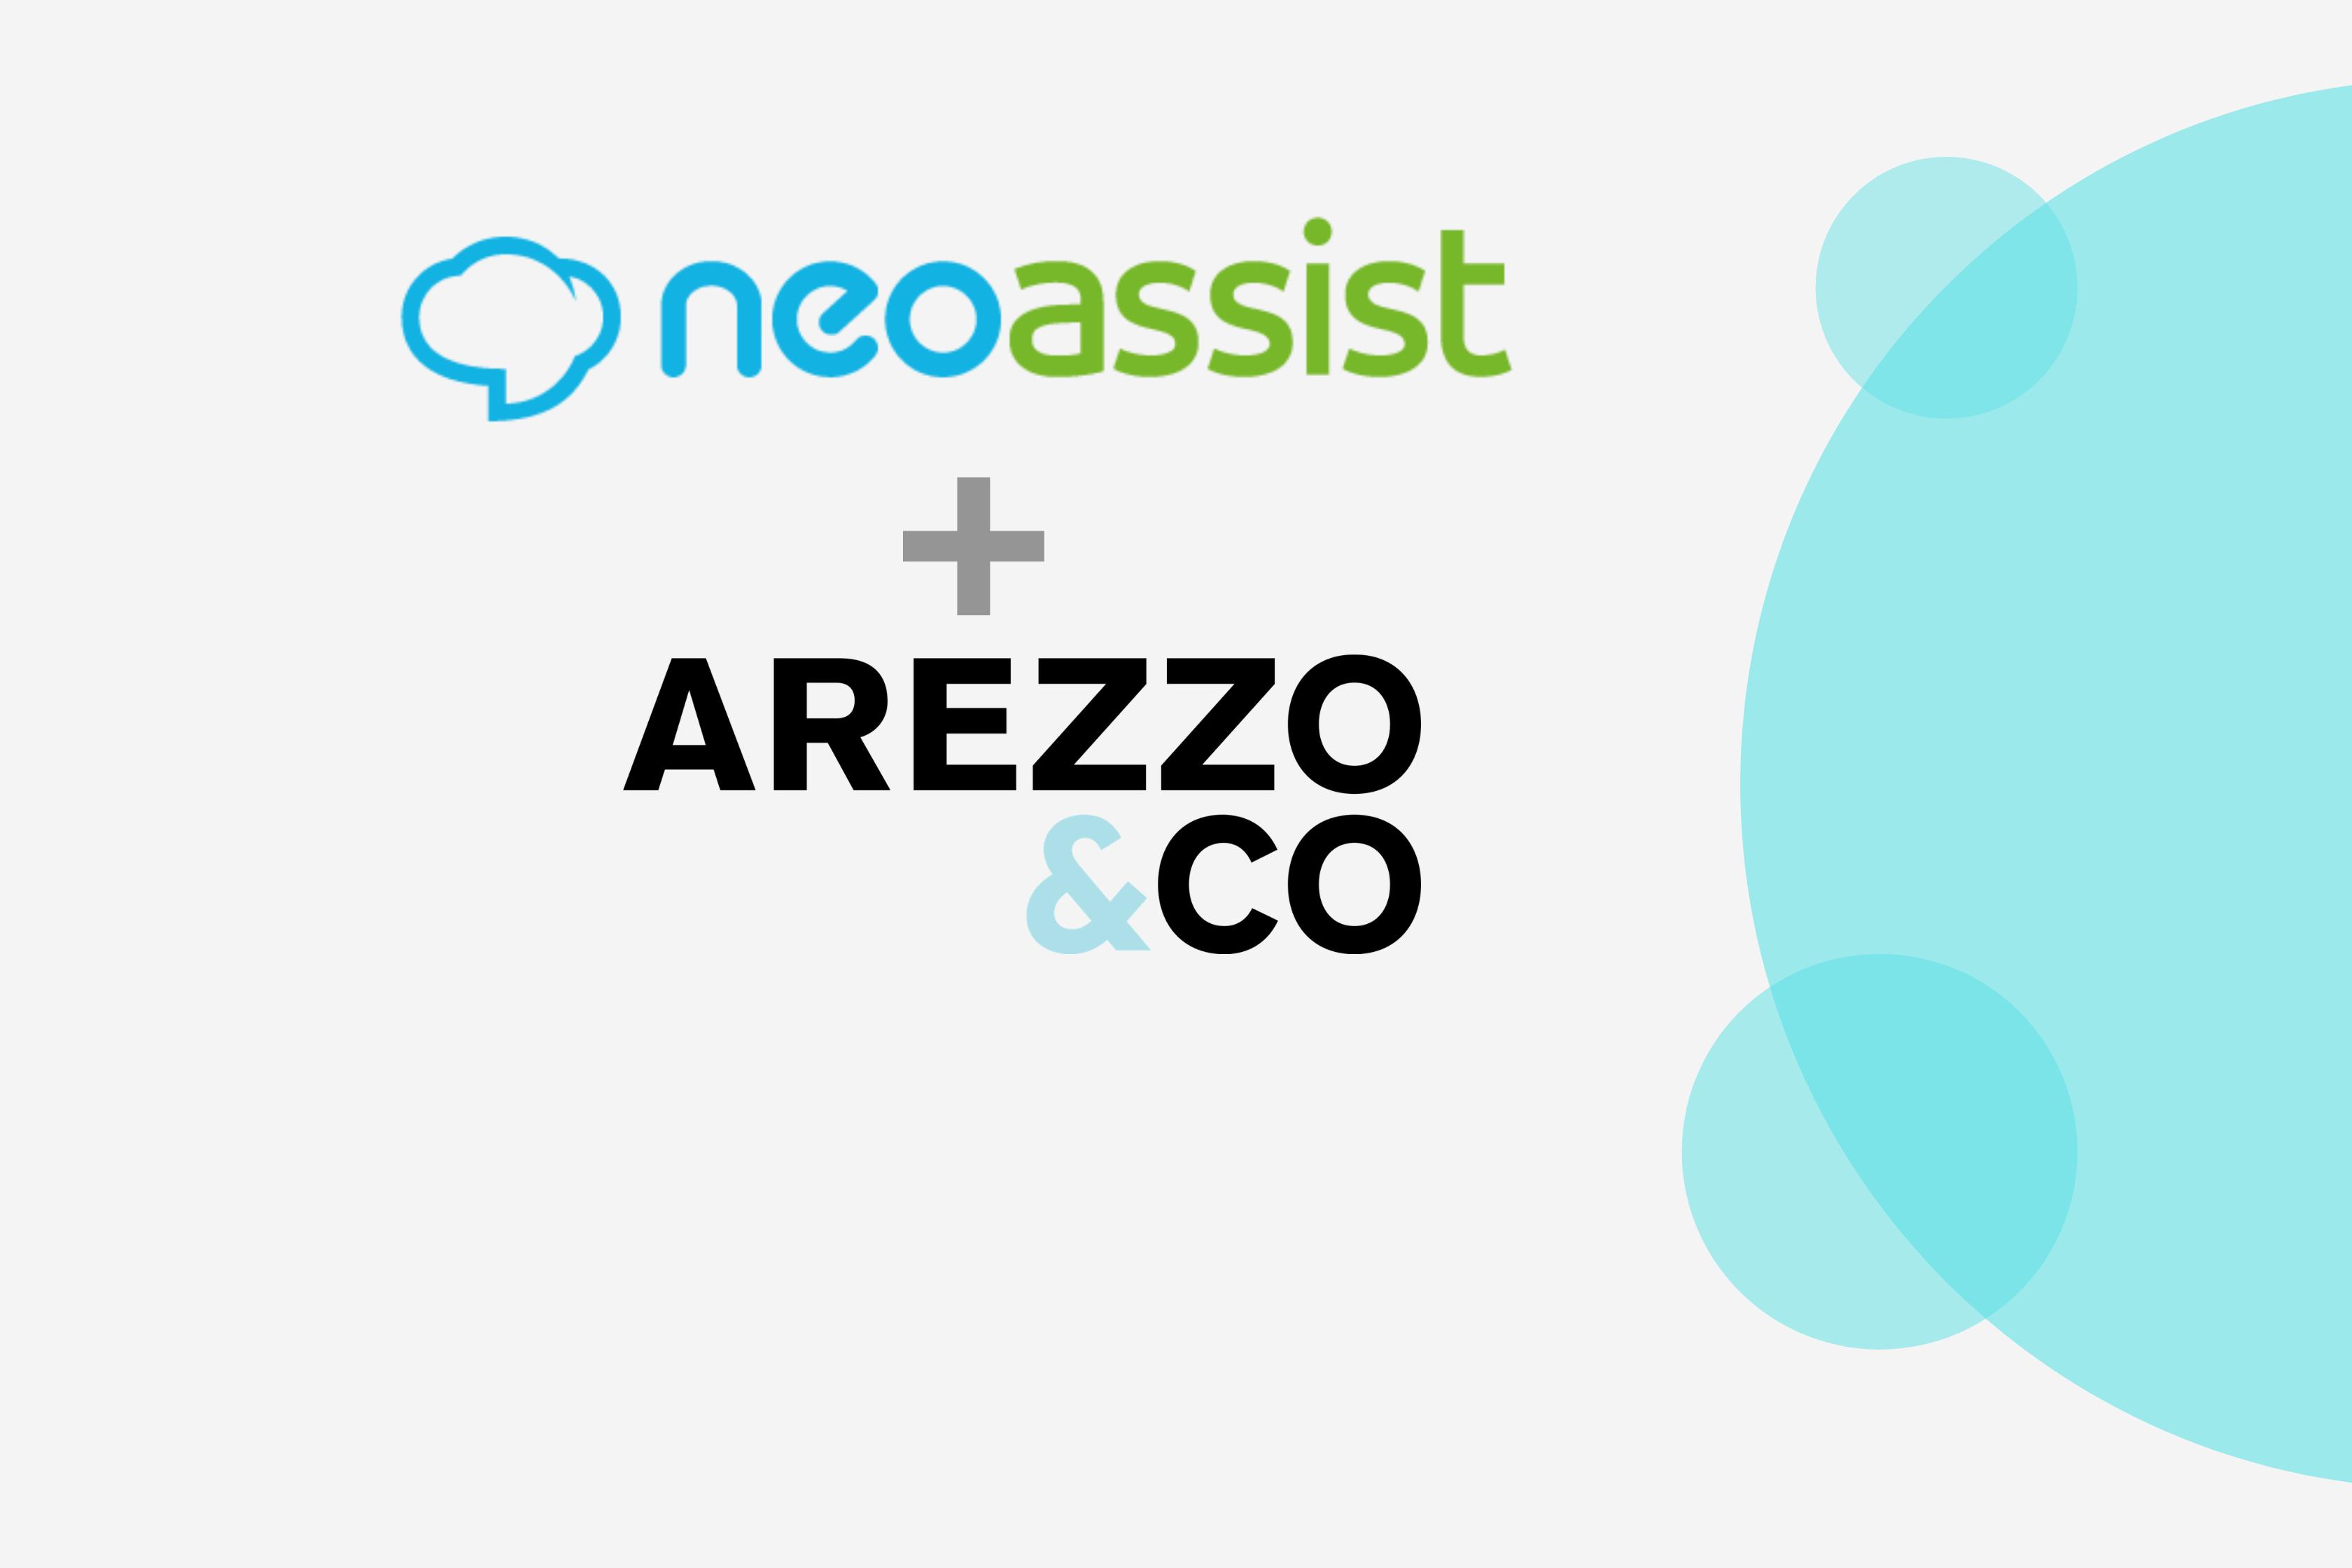 Arezzo&Co + NeoAssist = match de sucesso!